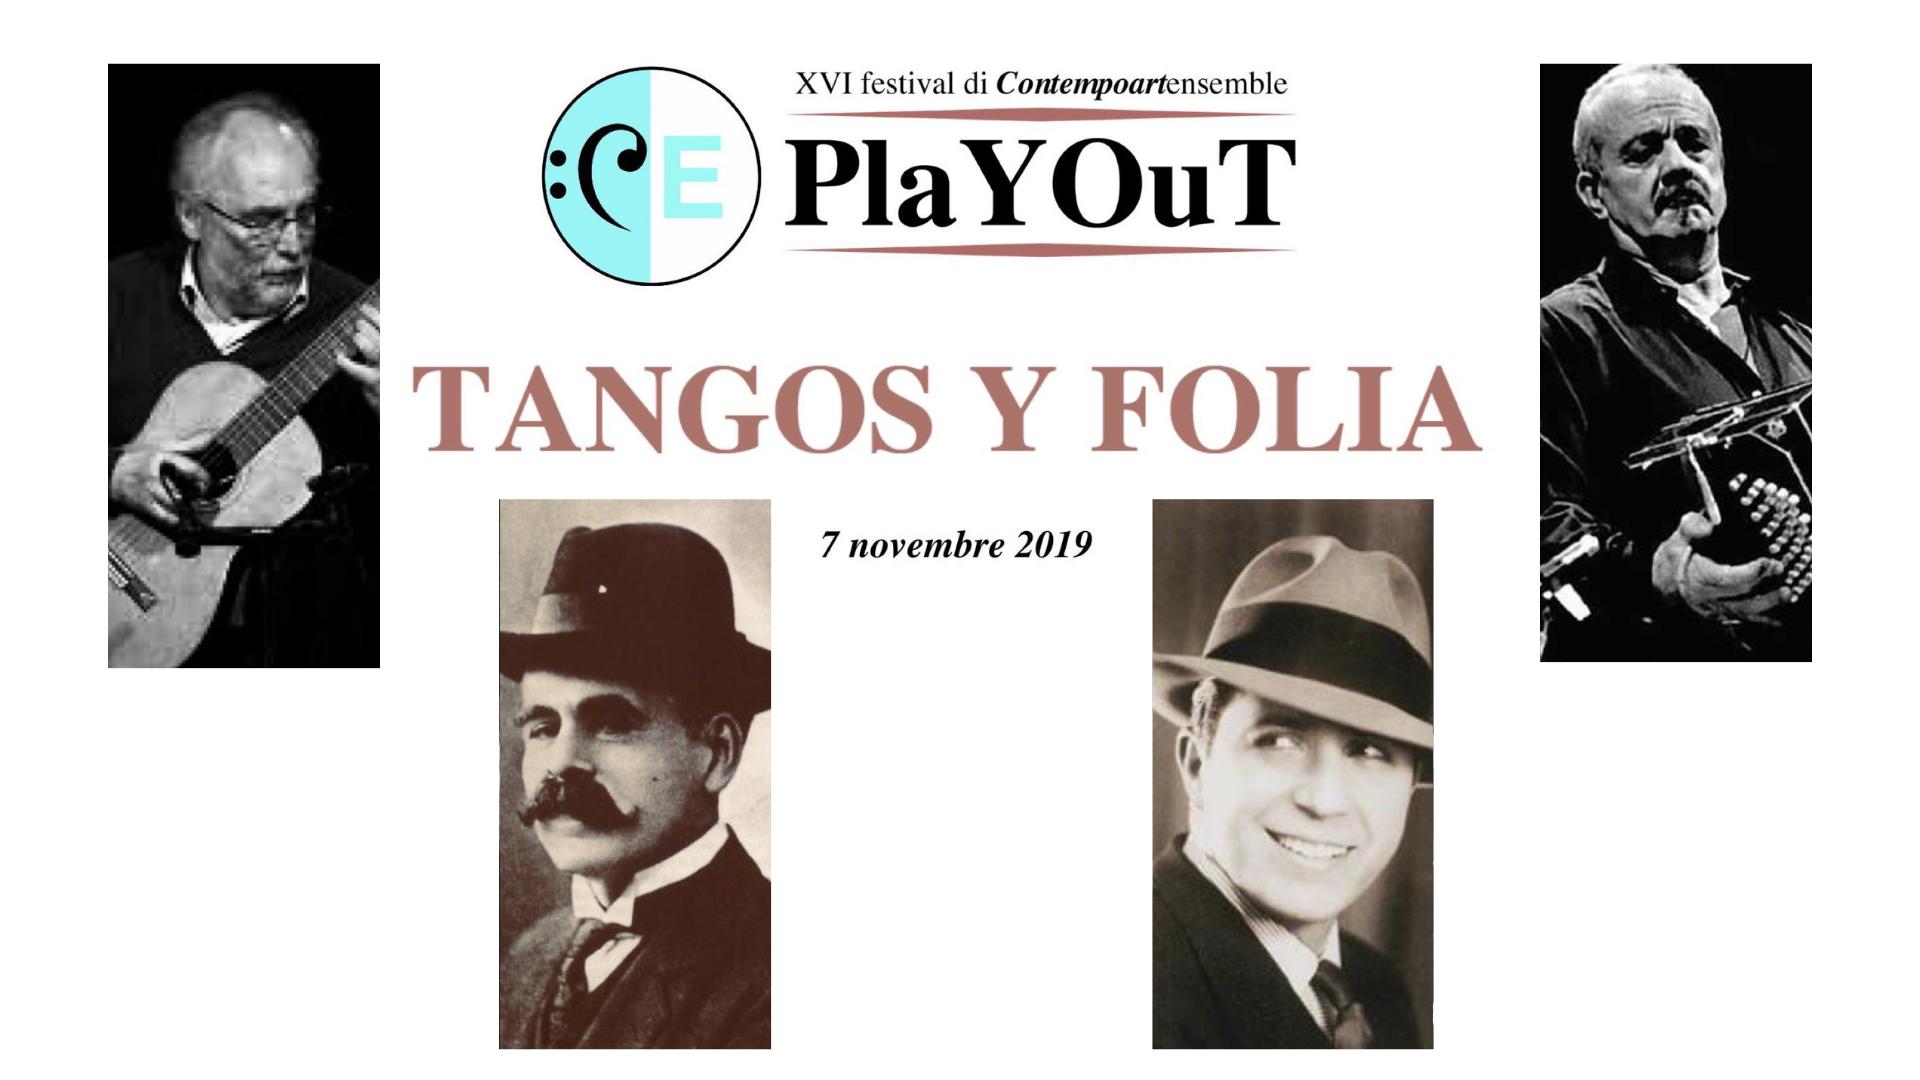 Tangos Y Folia - 7 Novembre